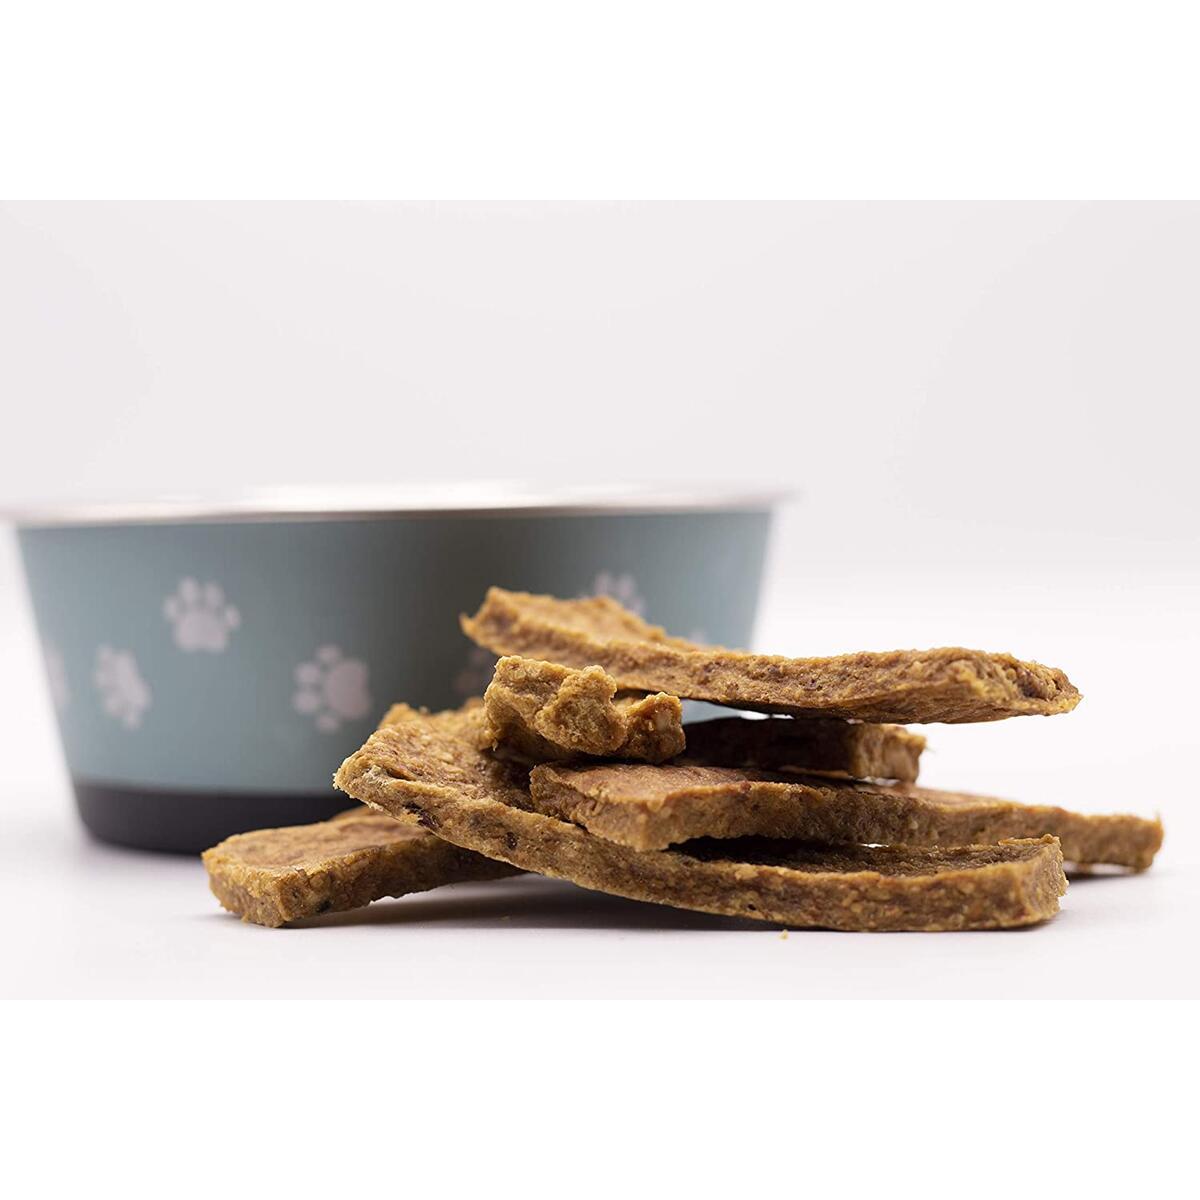 Tibetan Dog Chew 100% Natural Dog Treats, 3.5 Ounces Per Bag